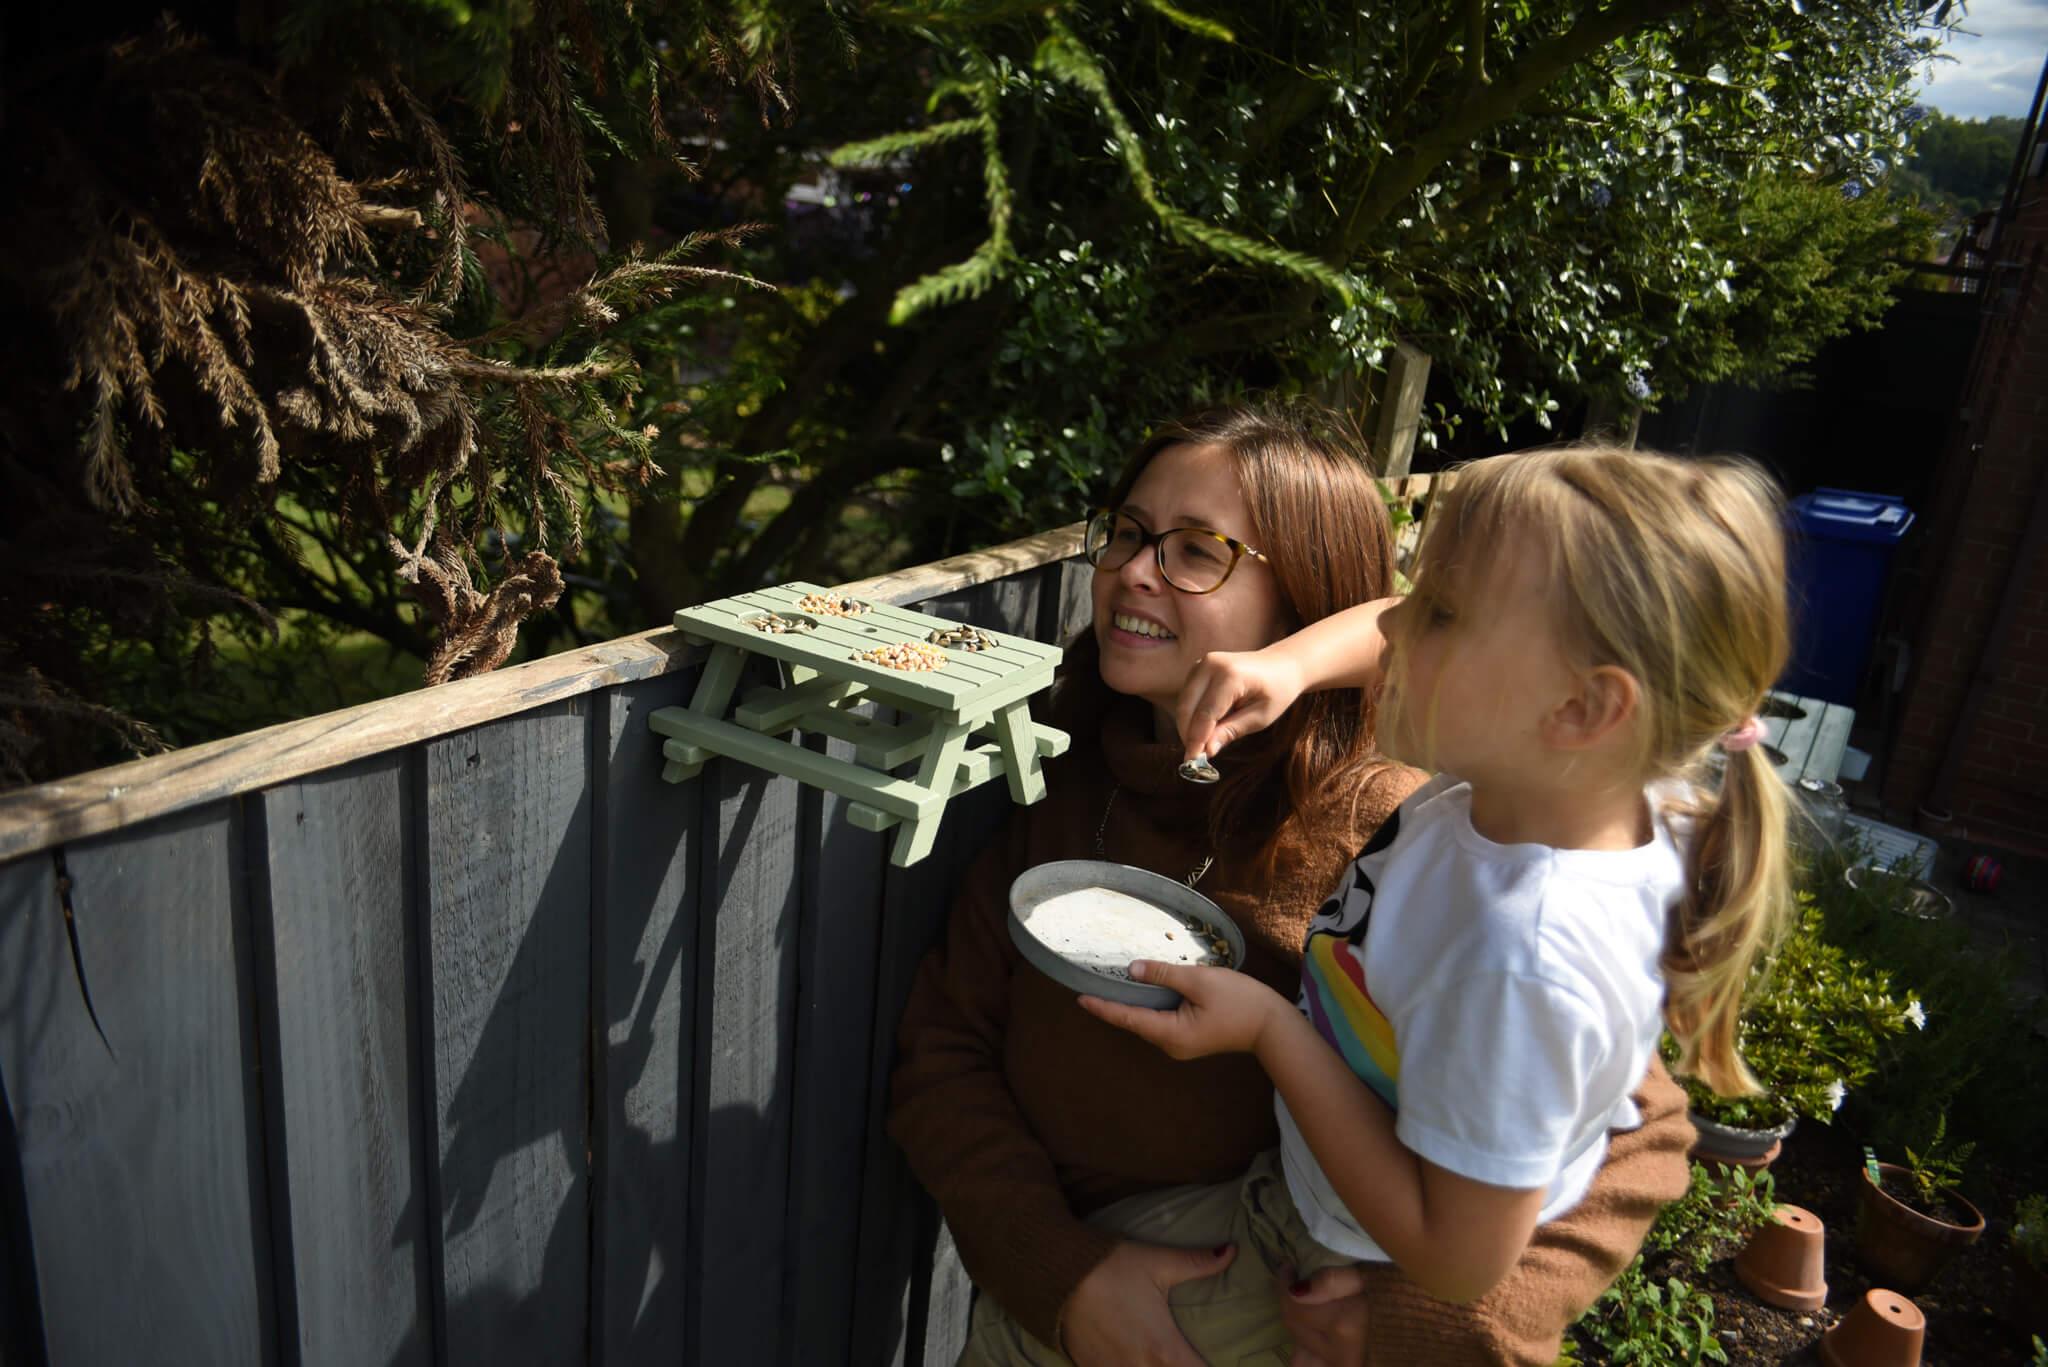 picnic bench bird feeder